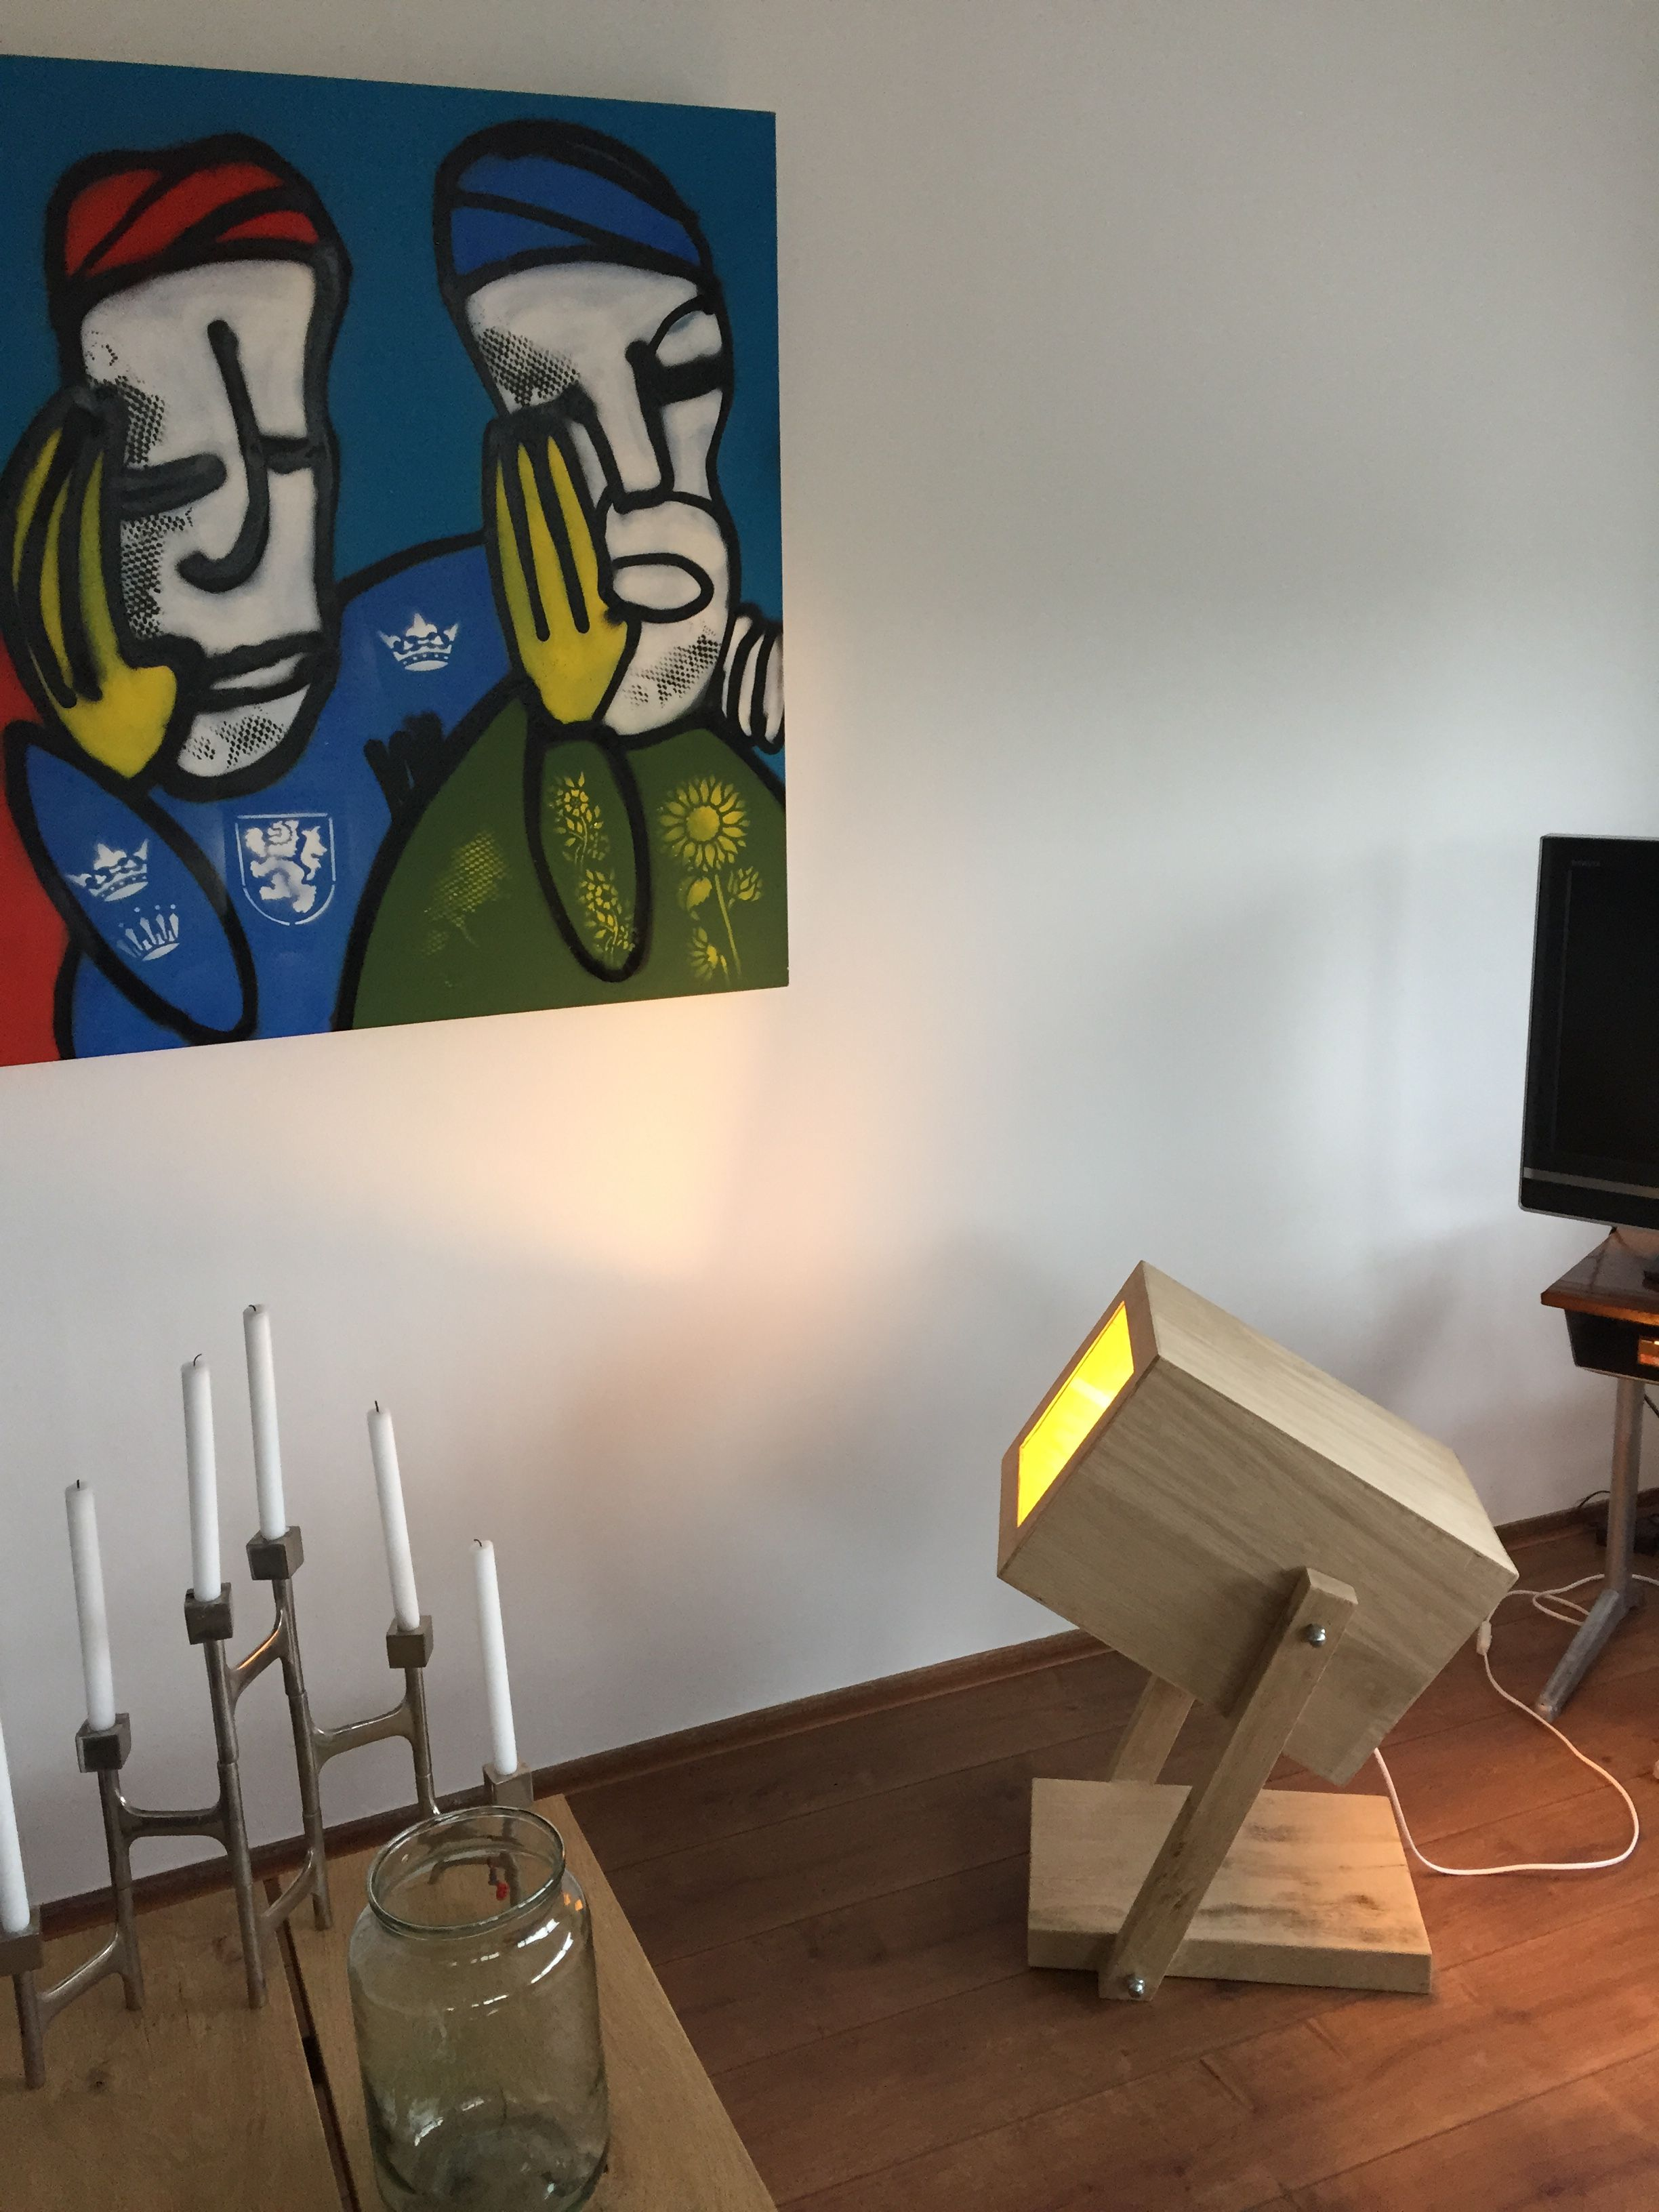 Wat een coole industriële lamp. Compleet van hout gemaakt en afgewerkt met stalen bouten. Bijna vintage maar dan gemaakt van recycled hout.  En wateren fantastisch schilderij van #fabian-art.nl #houtvanjou.nl